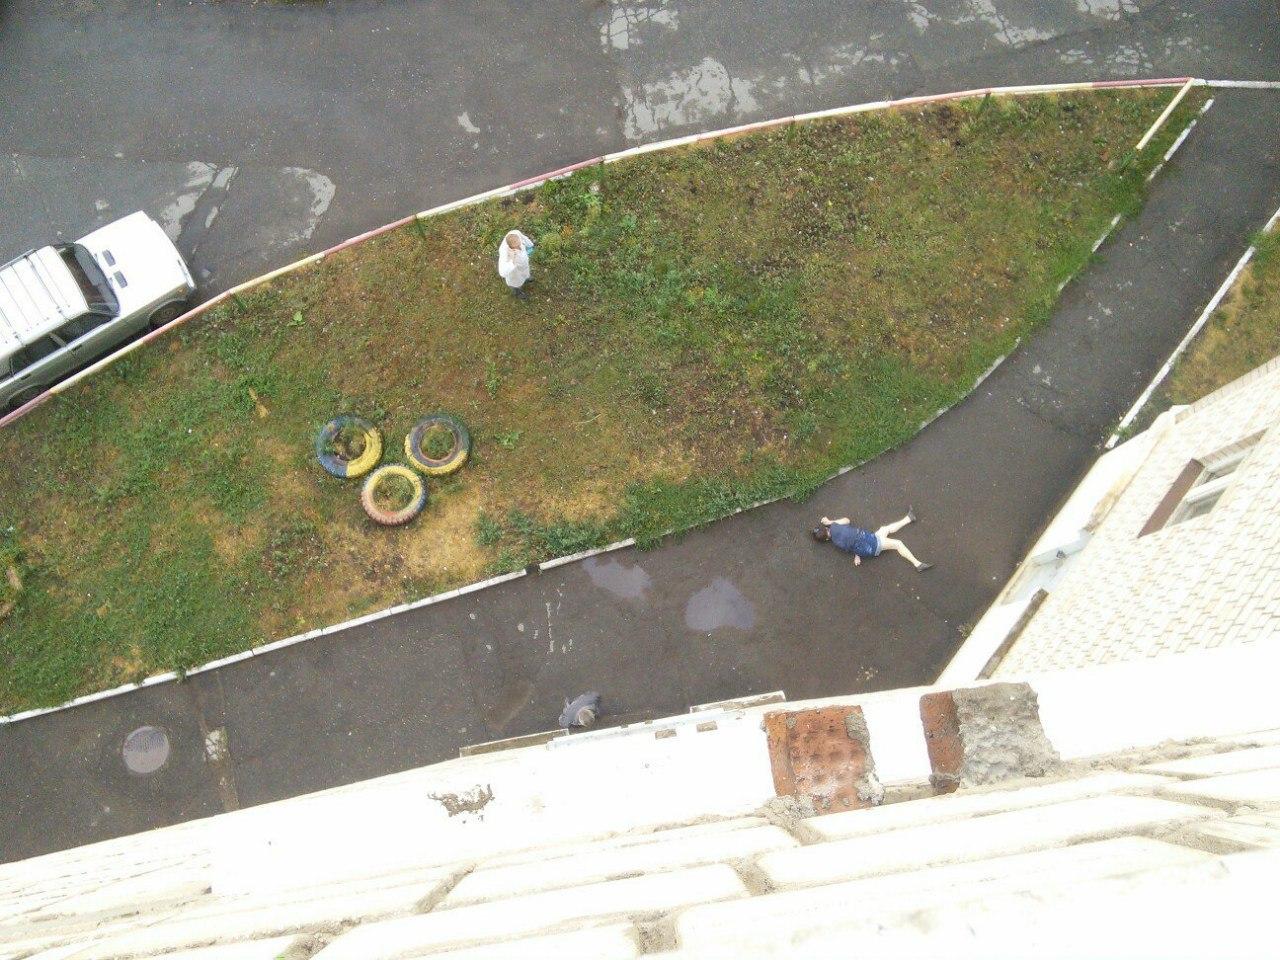 ВИжевске женщина выпала изокна 10-го этажа